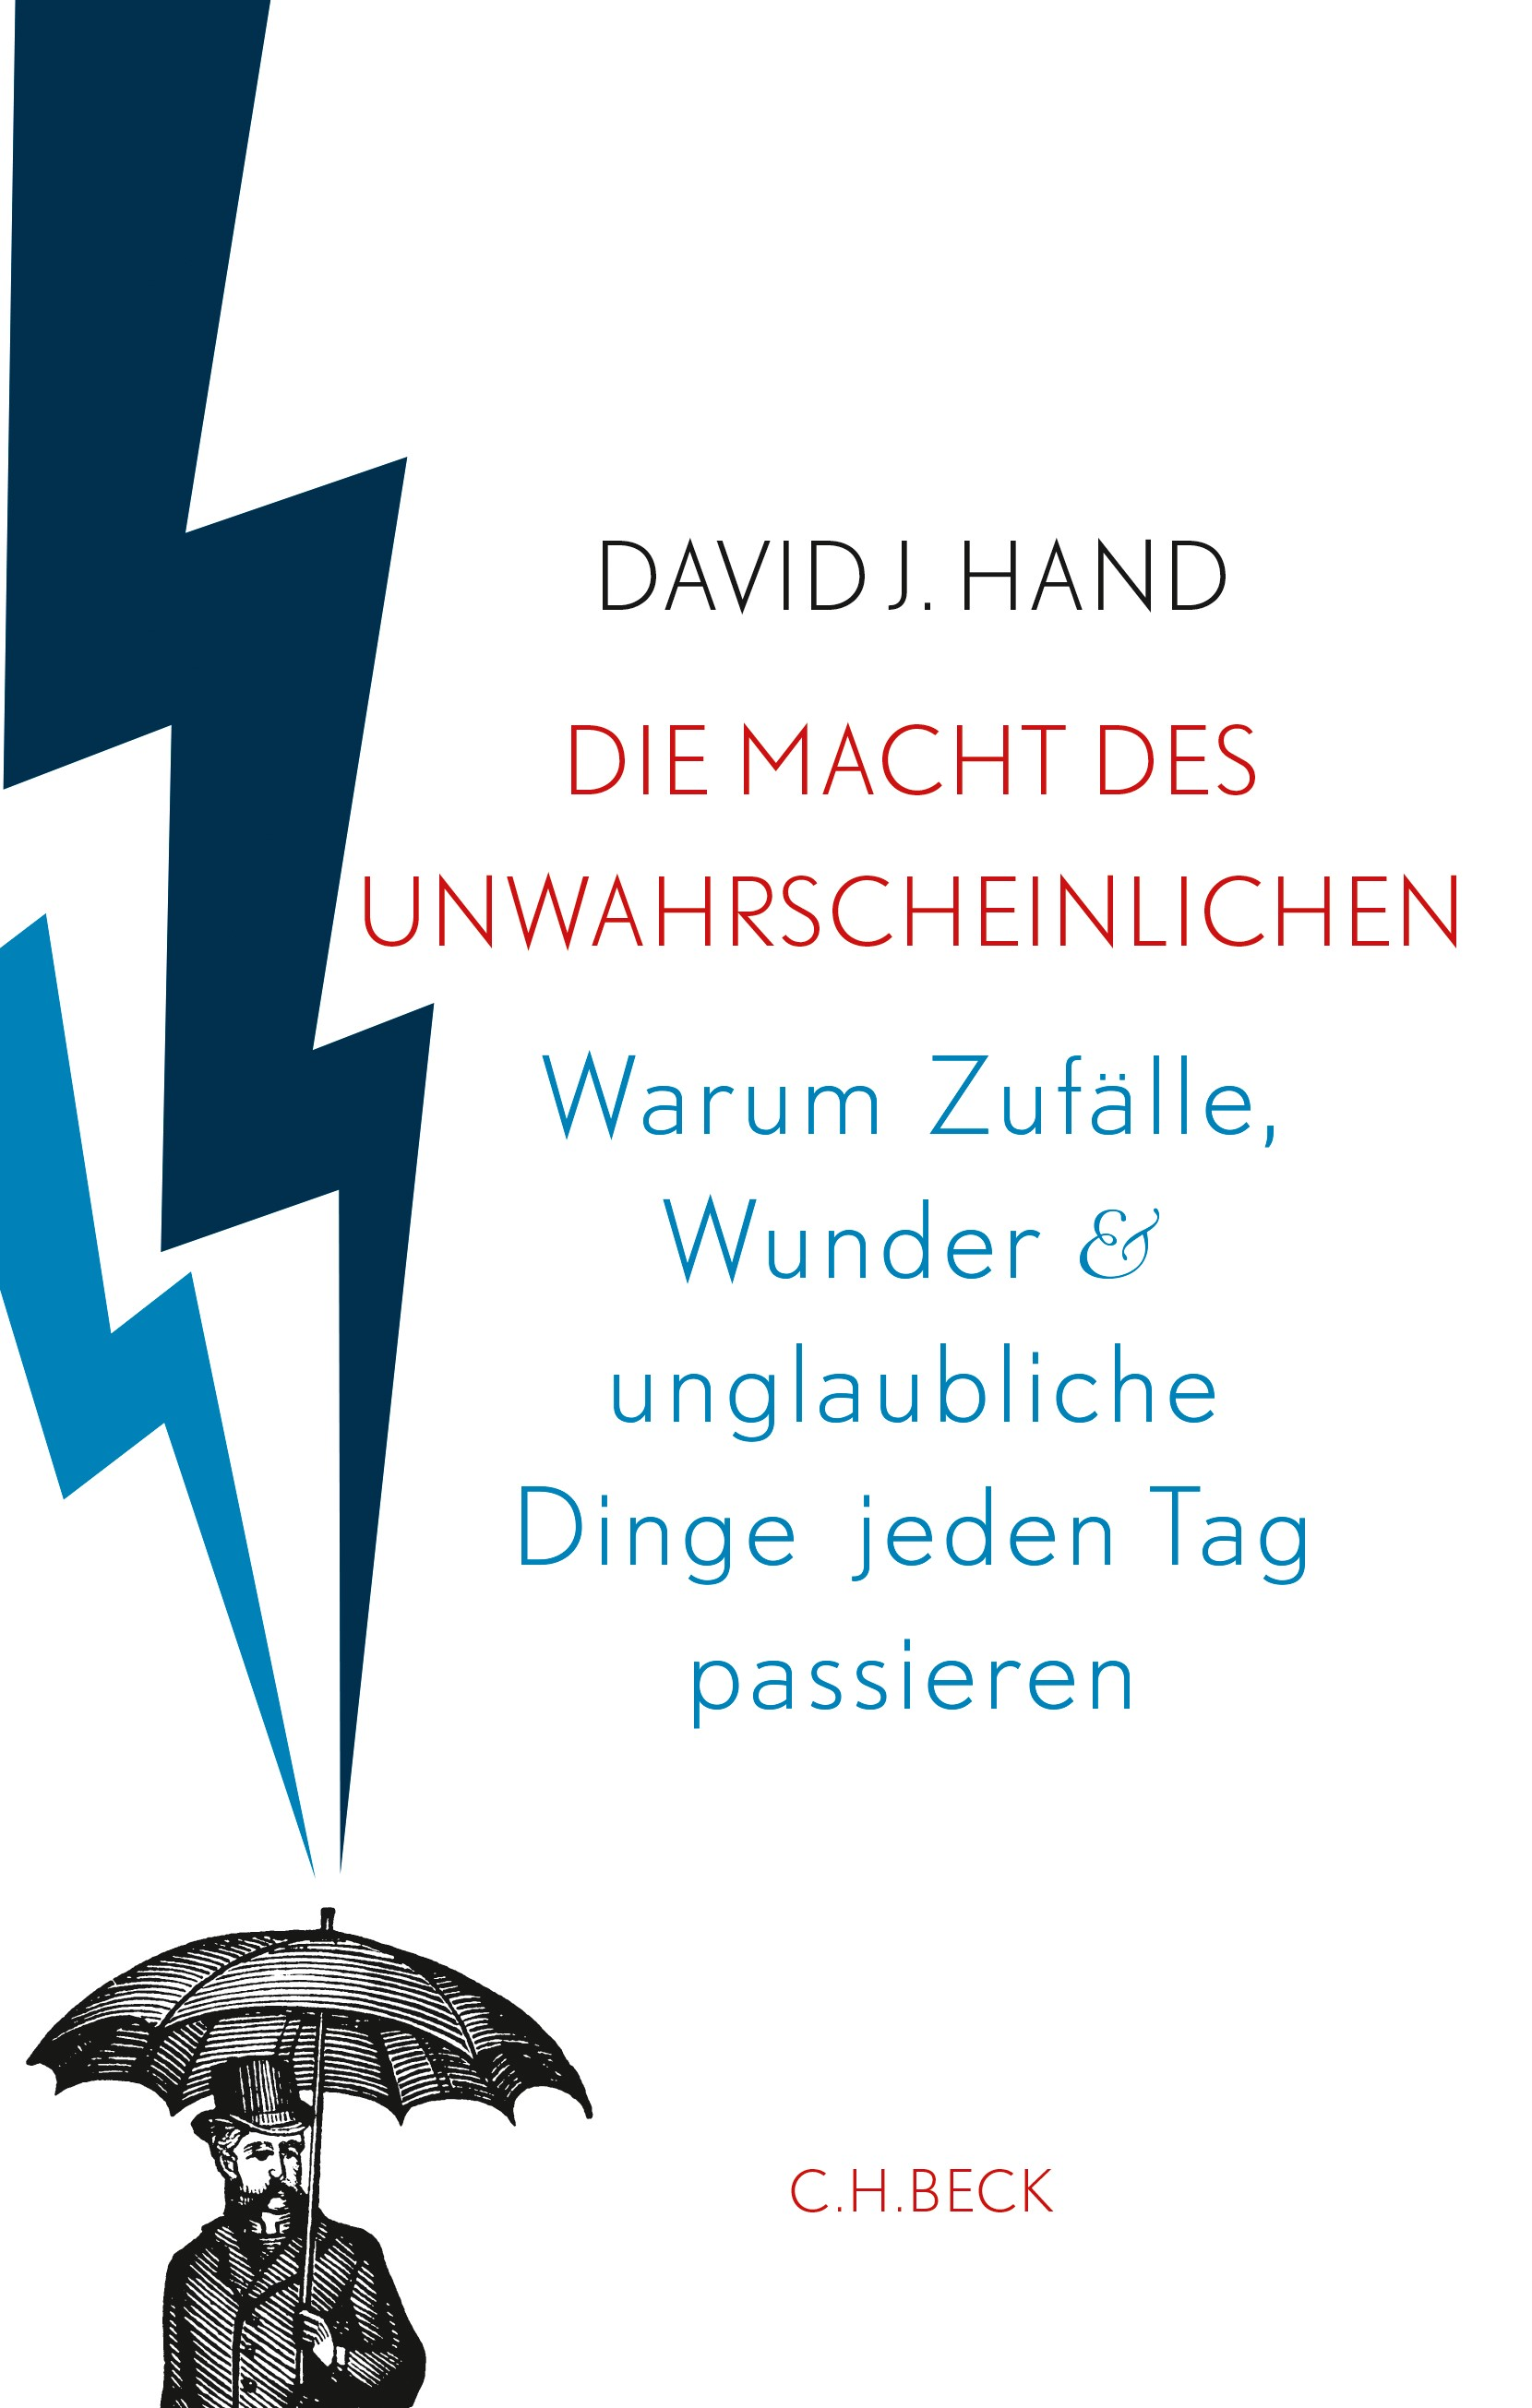 Cover des Buches 'Die Macht des Unwahrscheinlichen'